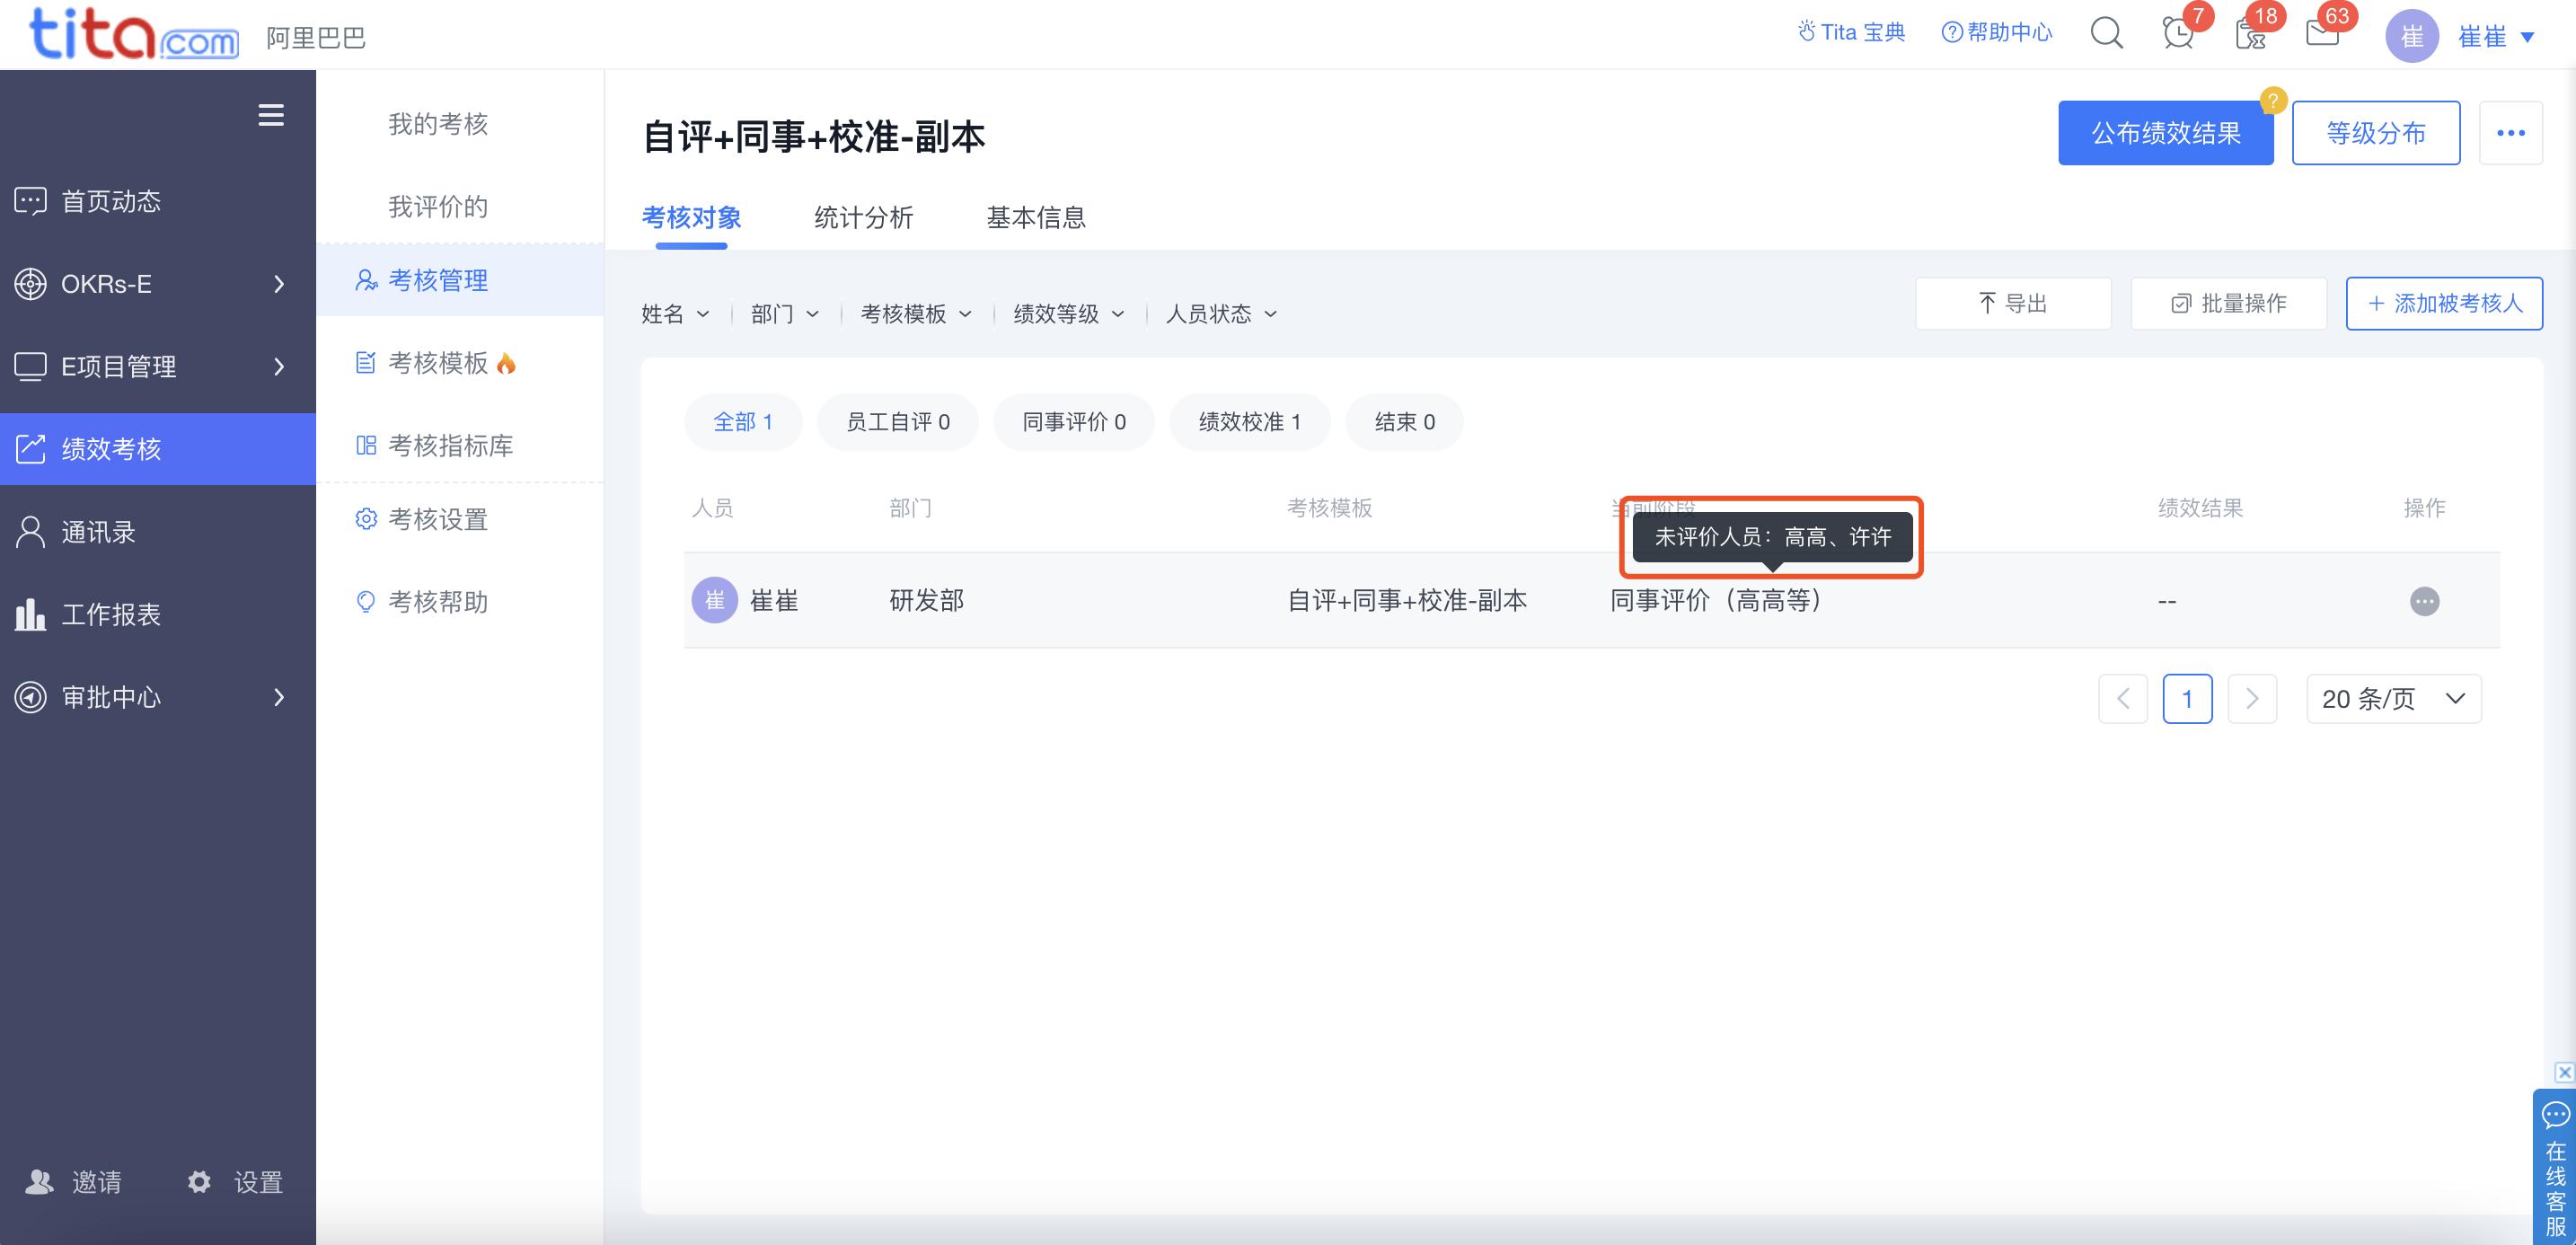 tita.com 升级   考核支持设置流程节点到期时间